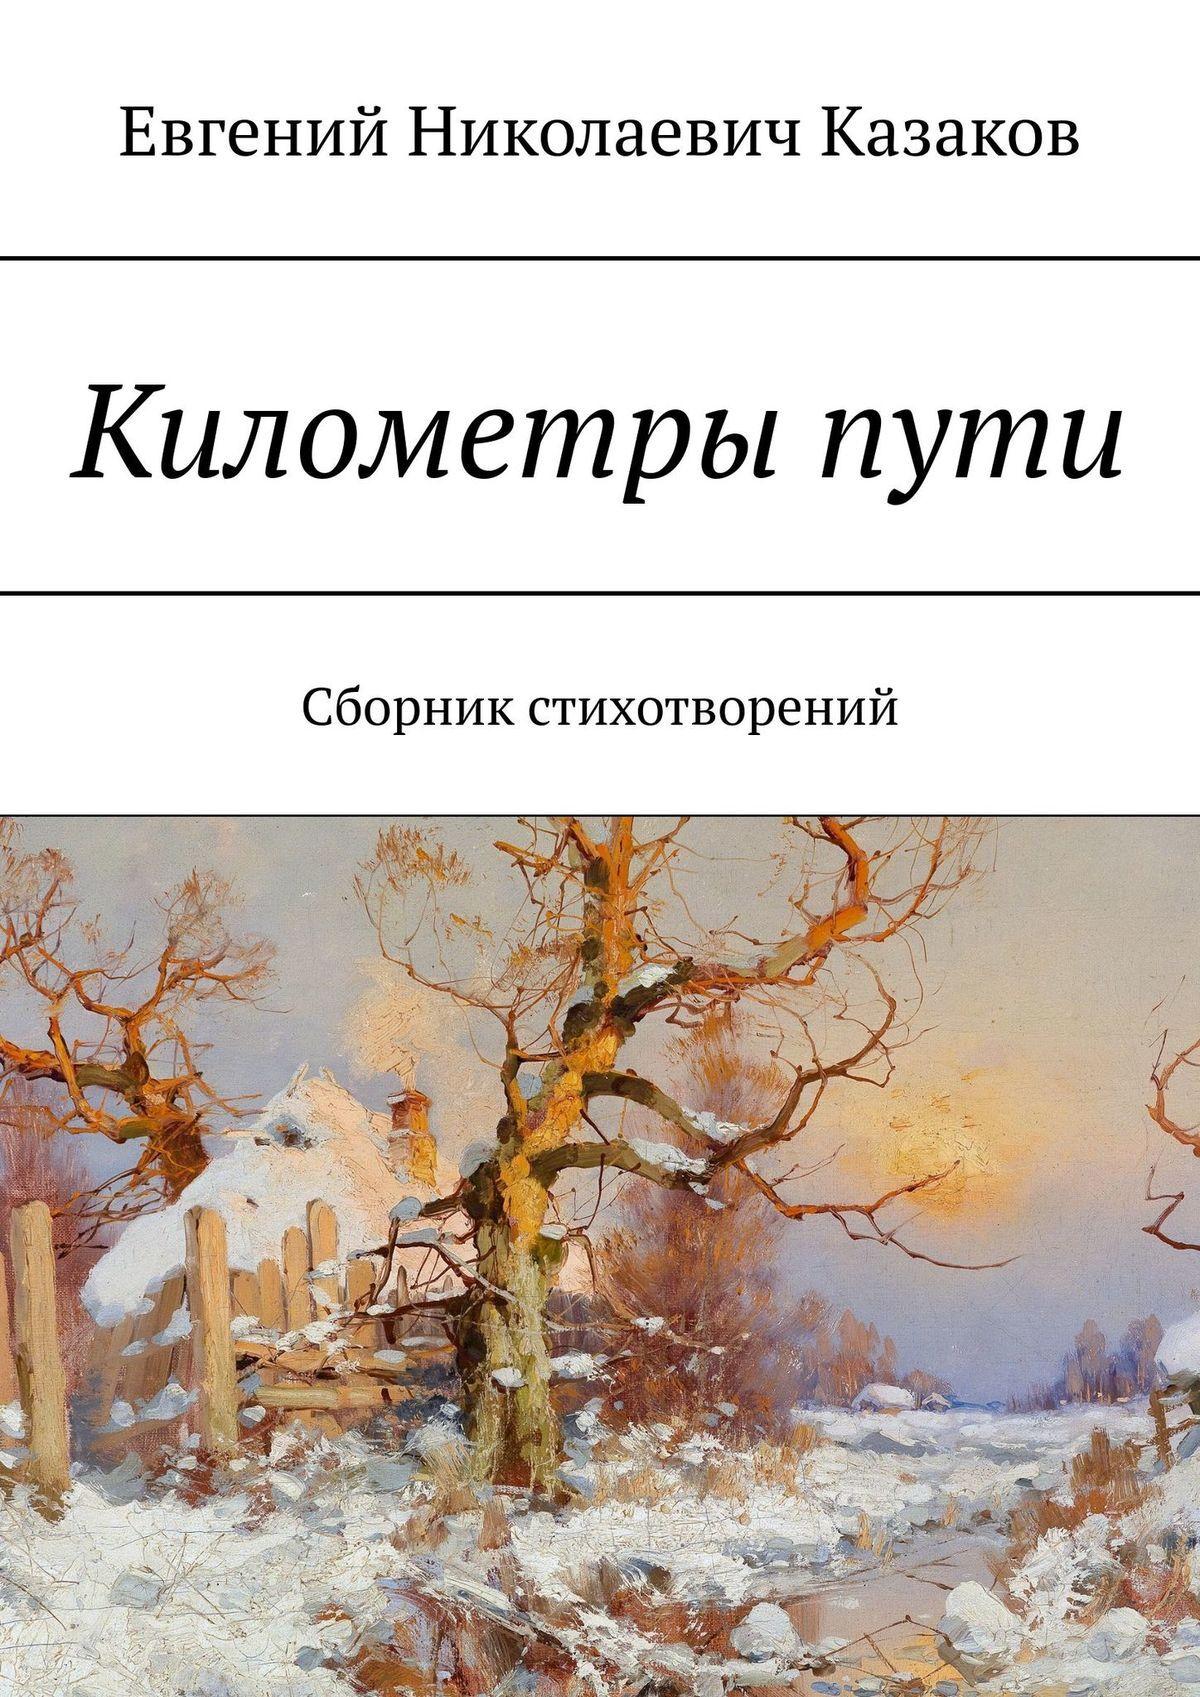 Километры пути. сборник стихотворений